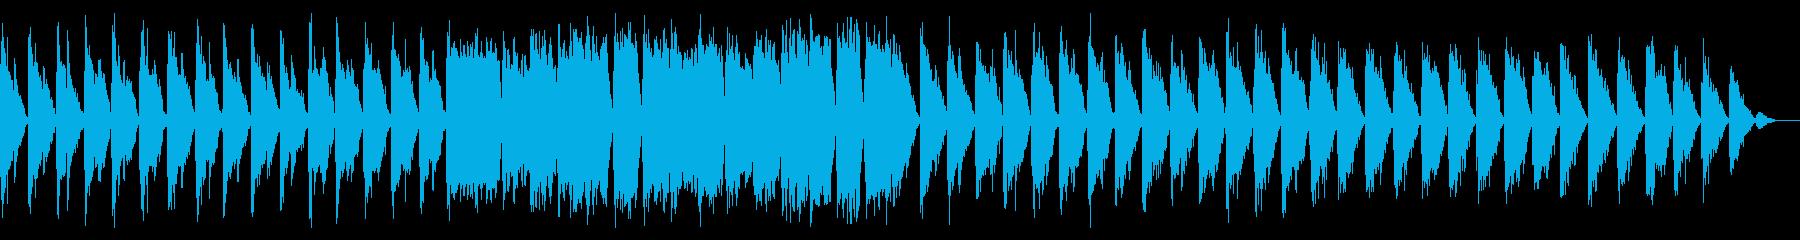 希望や未来・神秘的でドラマチックな楽曲の再生済みの波形